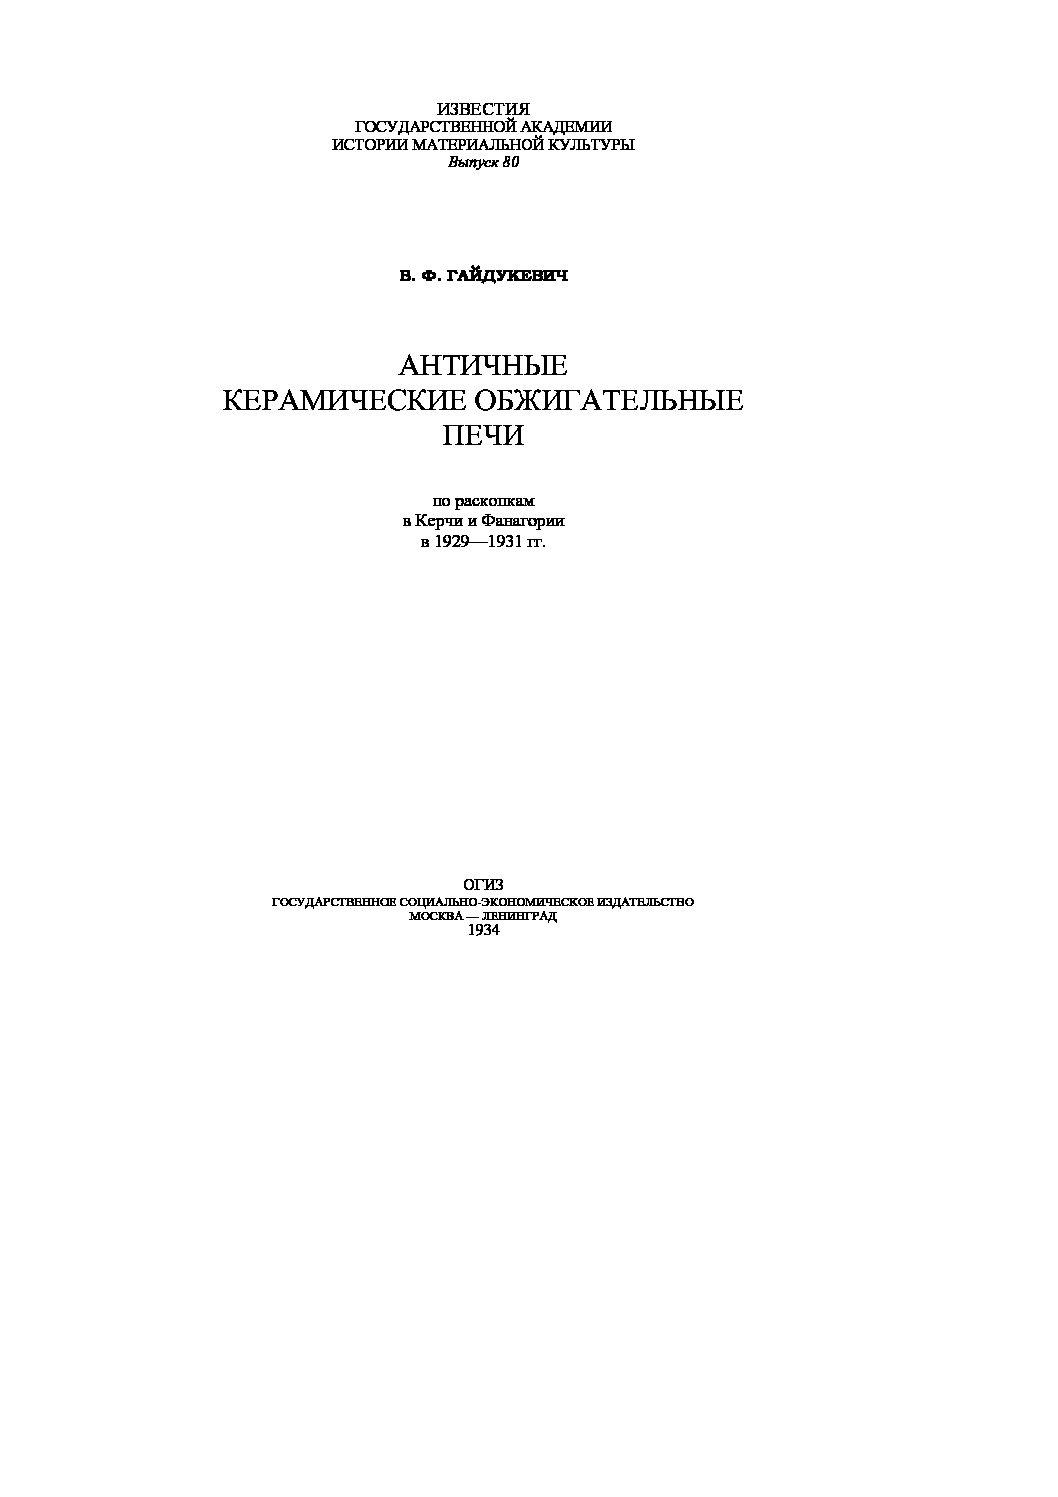 В. Ф. ГАЙДУКЕВИЧ АНТИЧНЫЕ КЕРАМИЧЕСКИЕ ОБЖИГАТЕЛЬНЫЕ ПЕЧИ